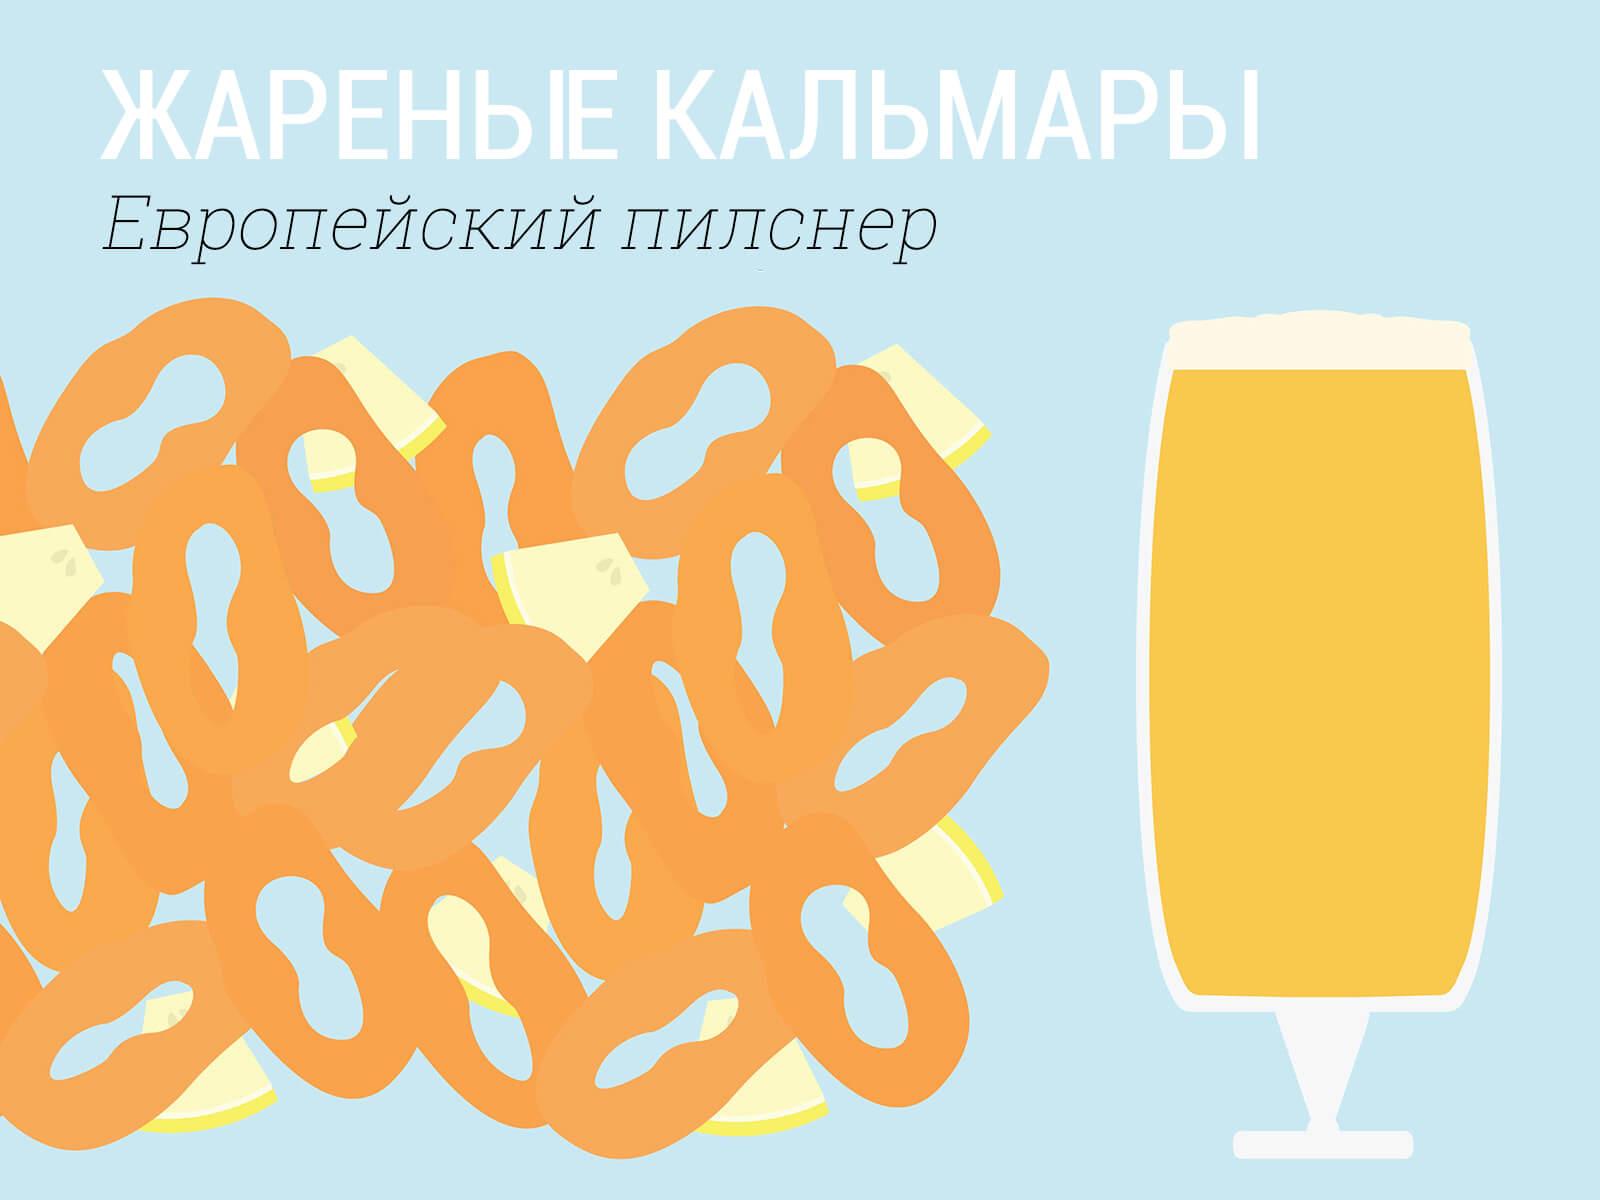 Жареные кальмары и европейский пилснер